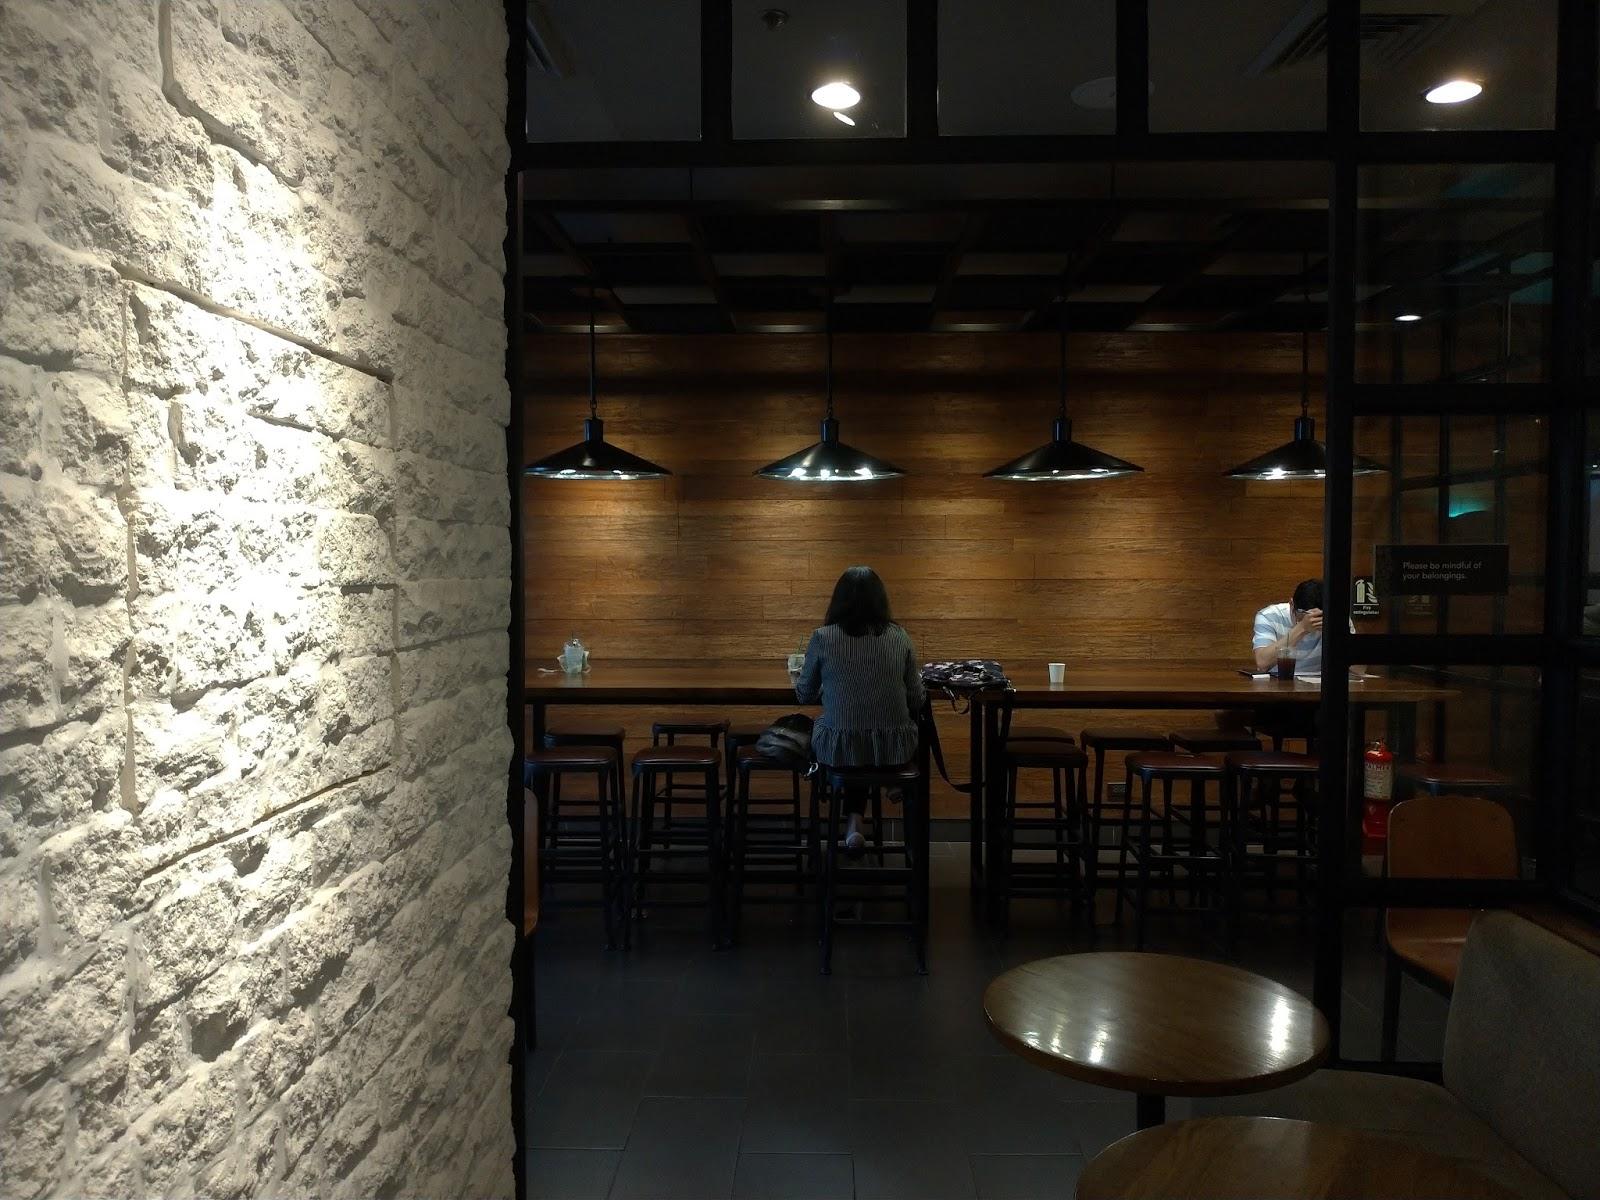 Asus ZenFone 5 Sample Indoor Camera Shot